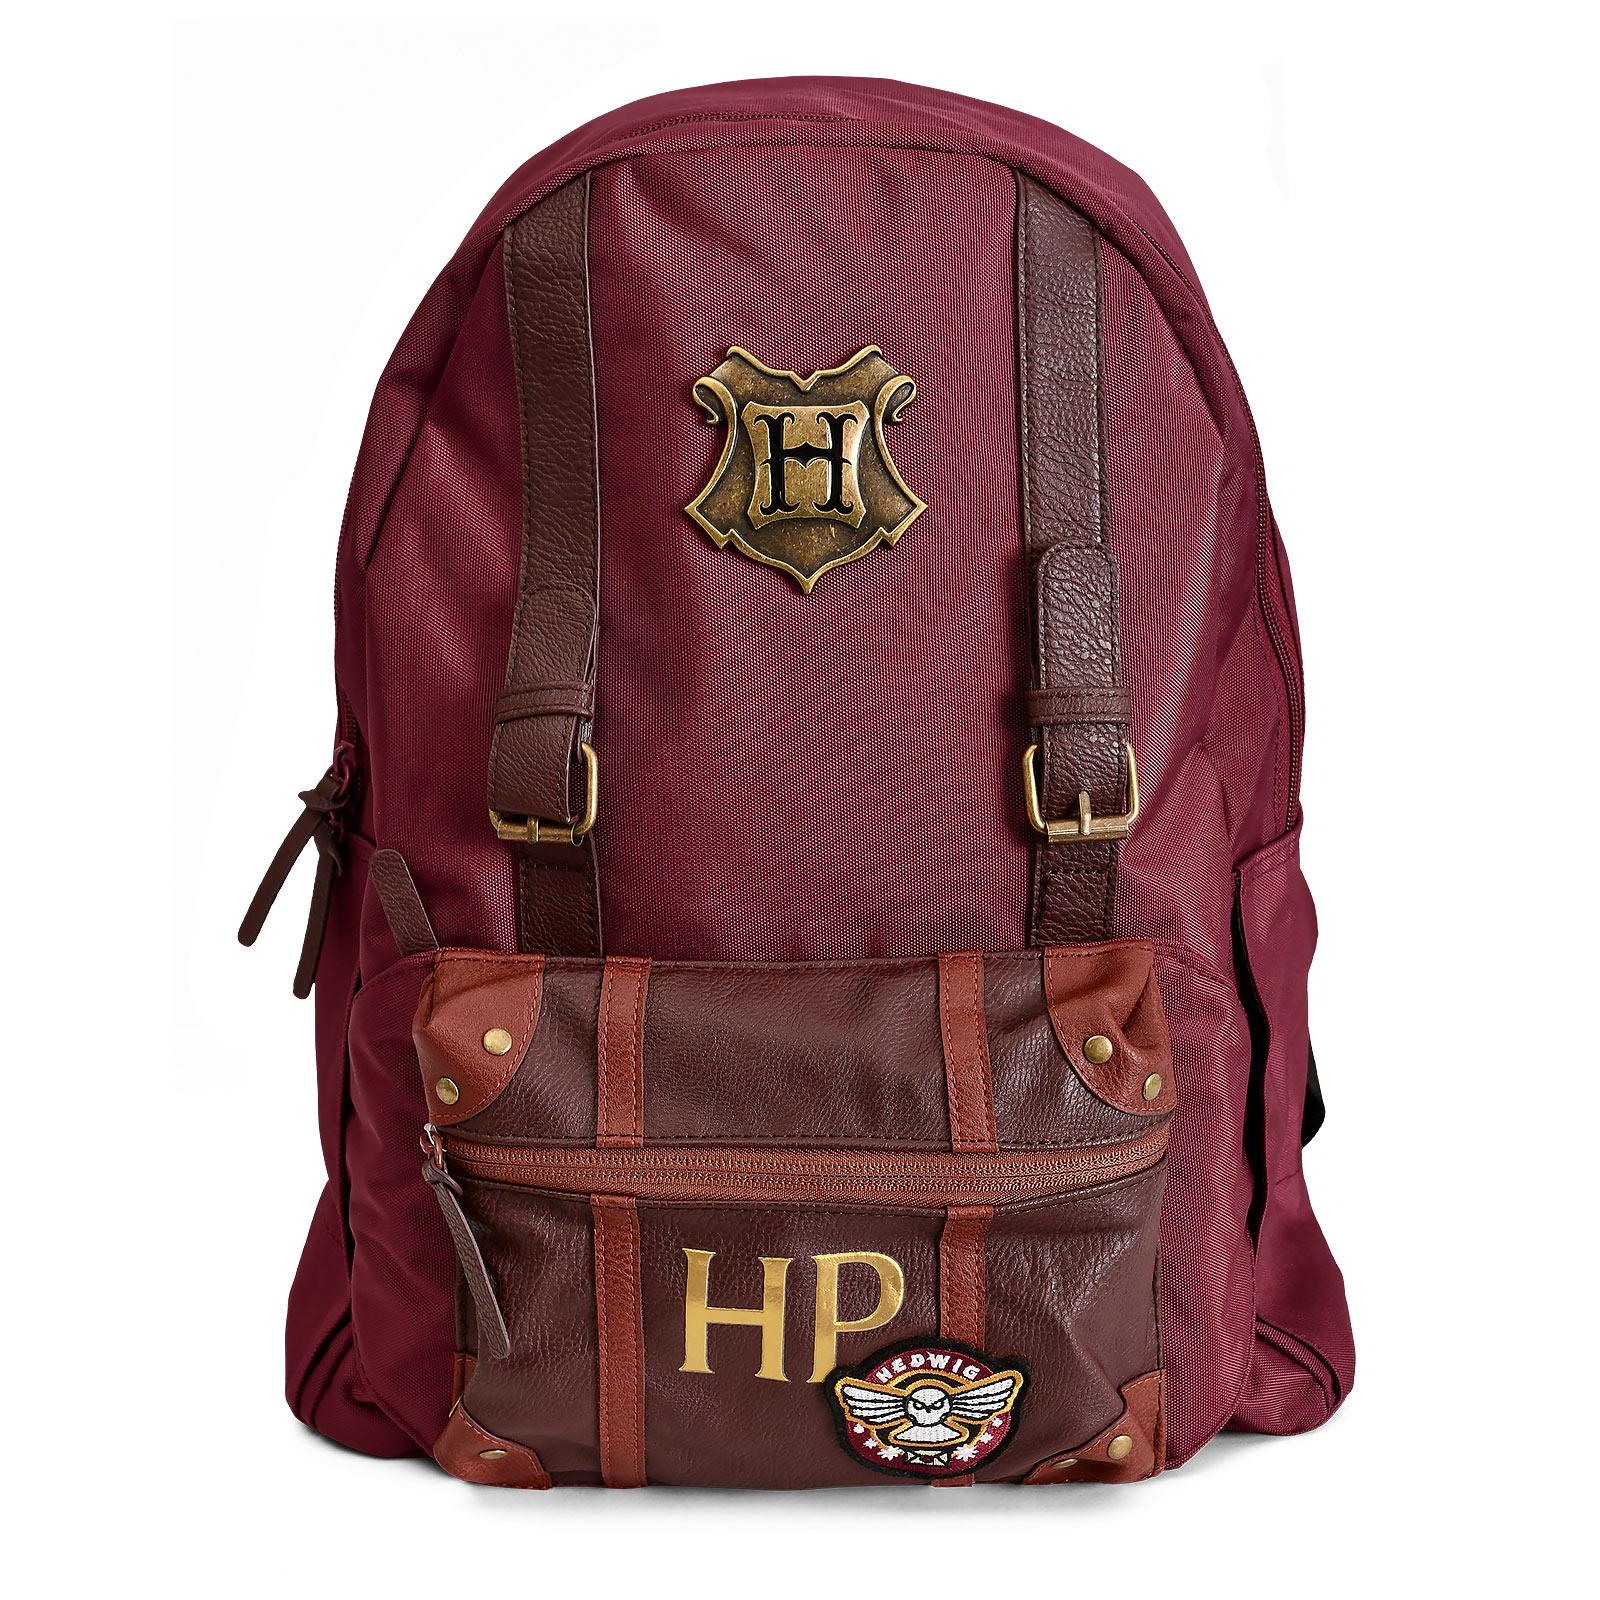 Harry Potter - Hogwarts Rucksack mit Gürteltasche